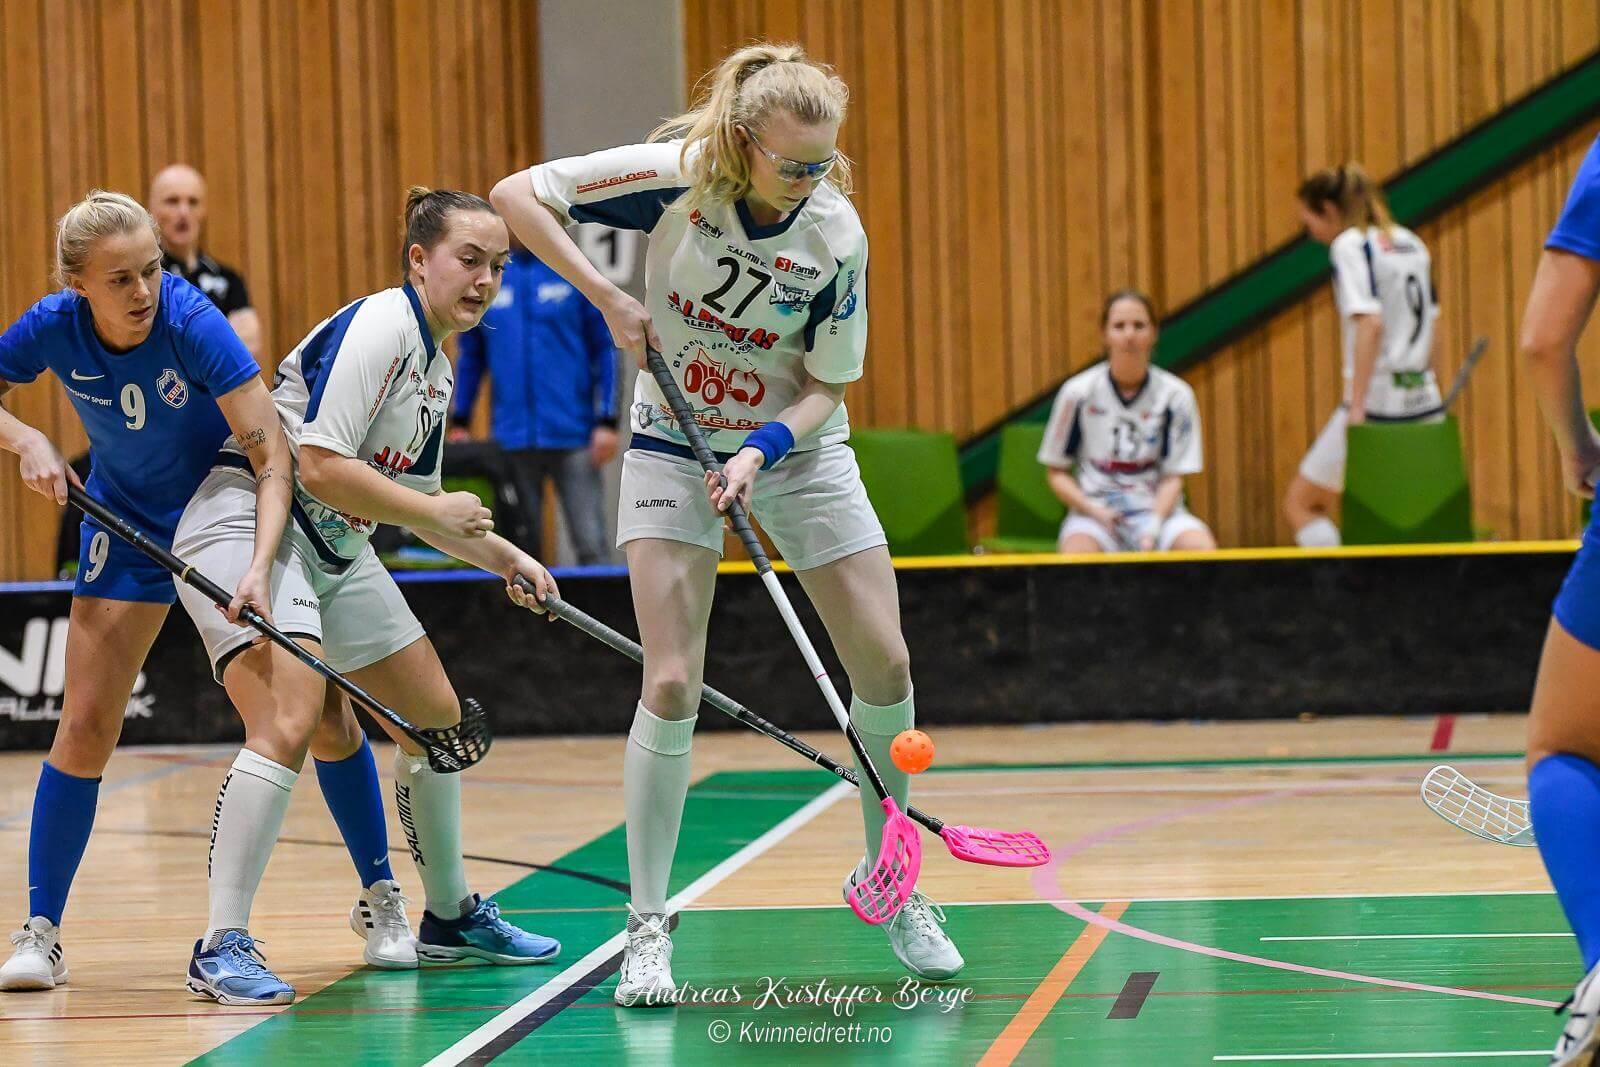 Bilder fra Greis oppgjør mot Sarpsborg i eliteserien for kvinner 12. desember 2020.